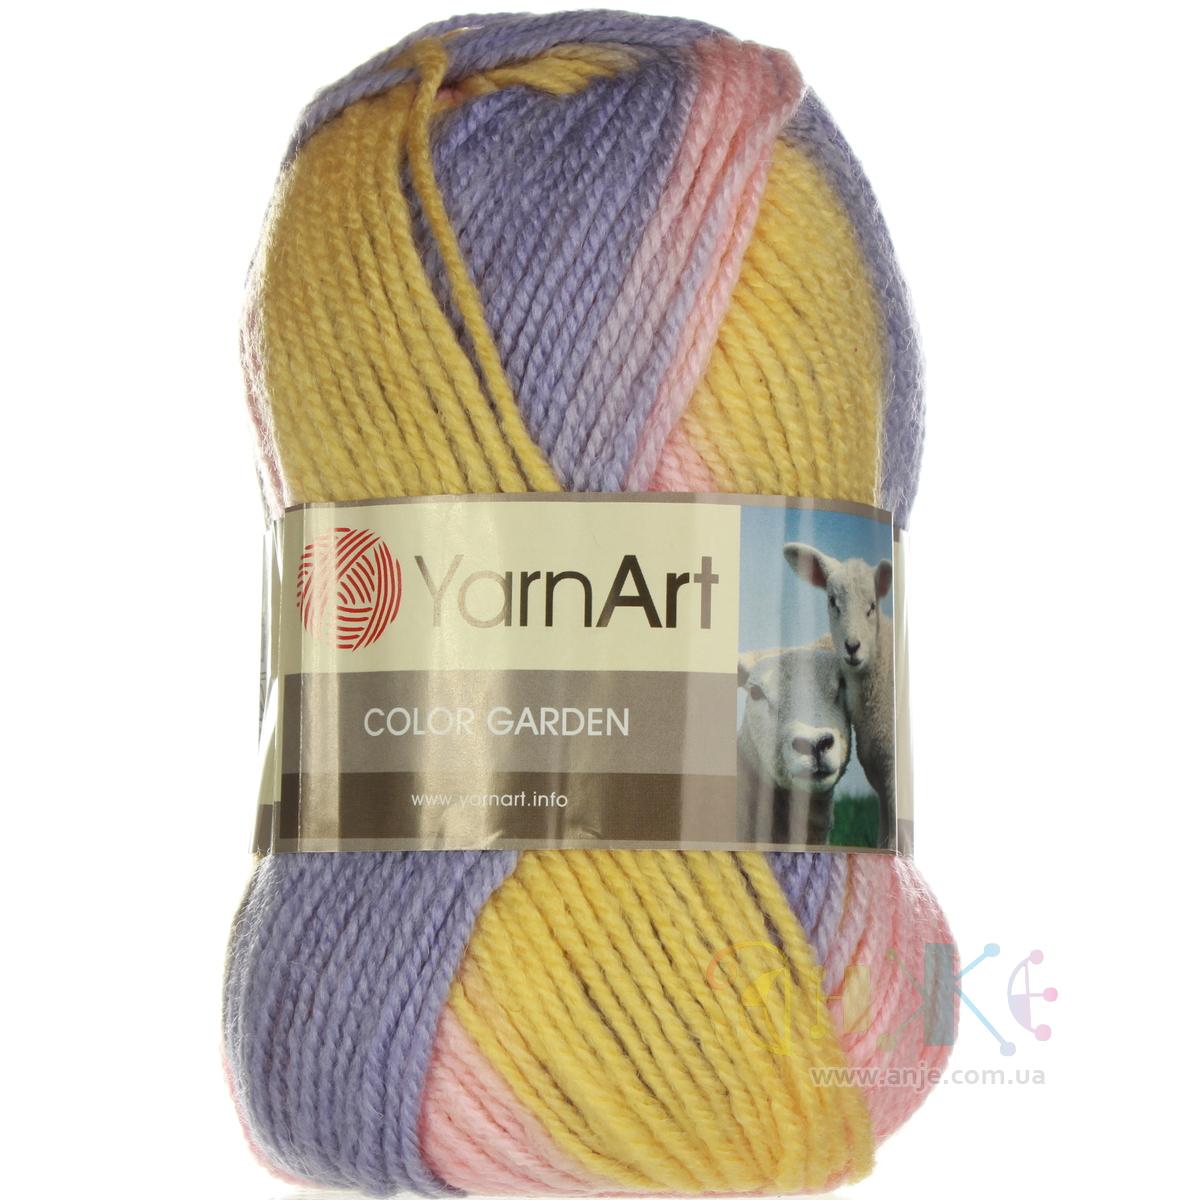 yarn art color garden :  Yarnart Color Garden 54